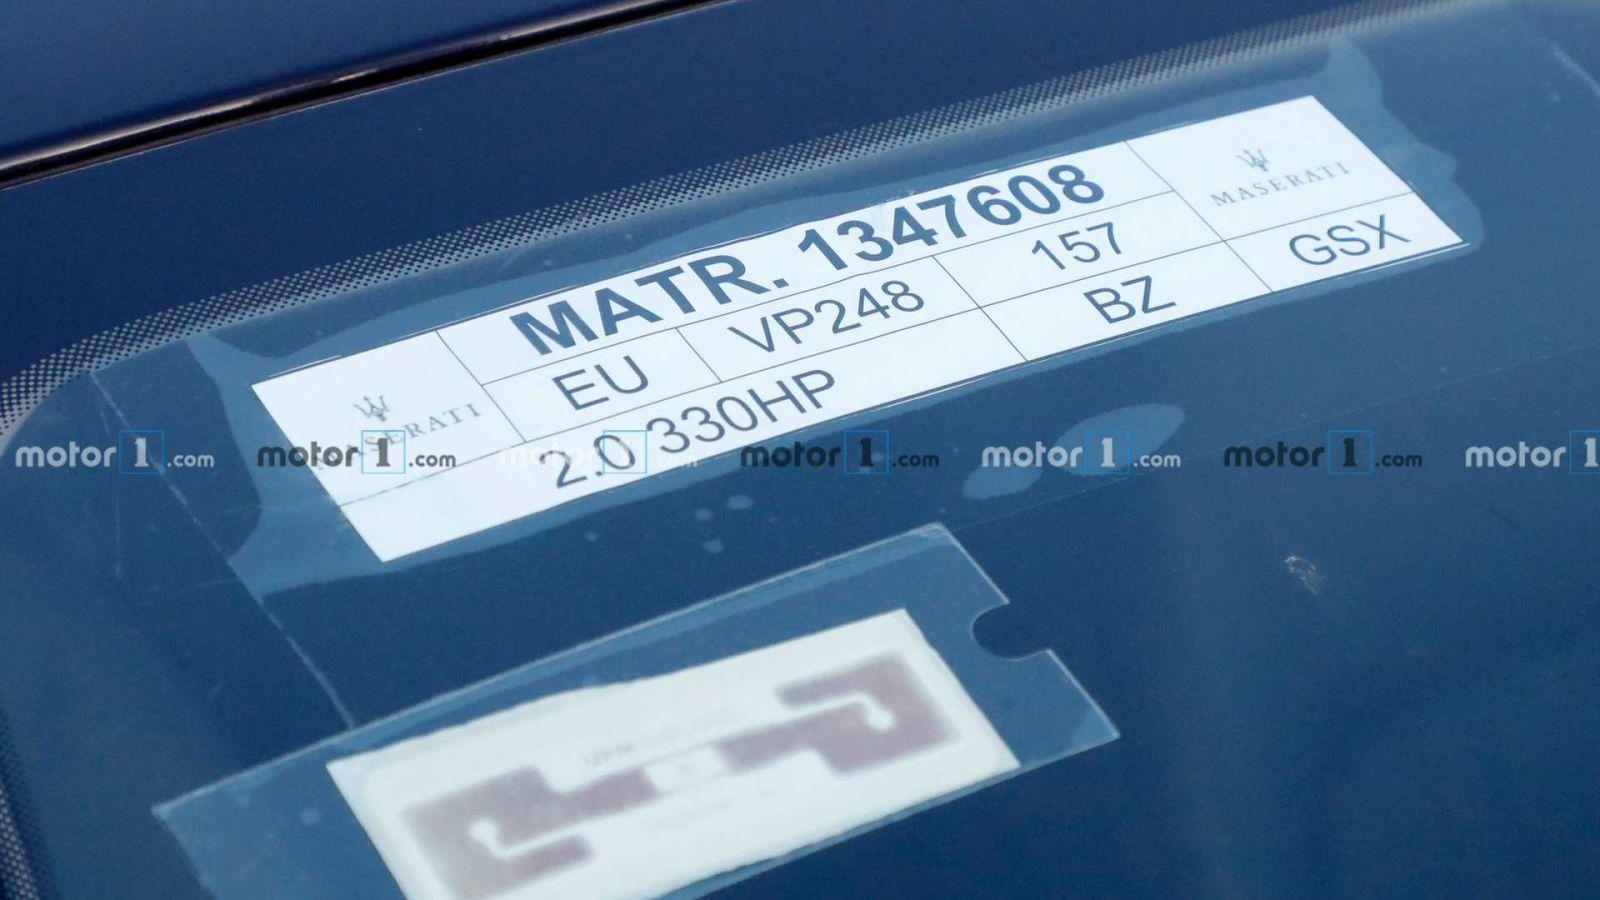 Maserati Ghibli 2021 Phiên Bản 2.0L 330 Mã Lực Giá Bao Nhiêu Tiền Khi Ra Mắt cuối năm 2020 này, Xe được trang bị động cơ mới nhỏ hơn, nhưng công suất gần bằng với V6 350 mã lực hiện tại, Maserati nội thấ